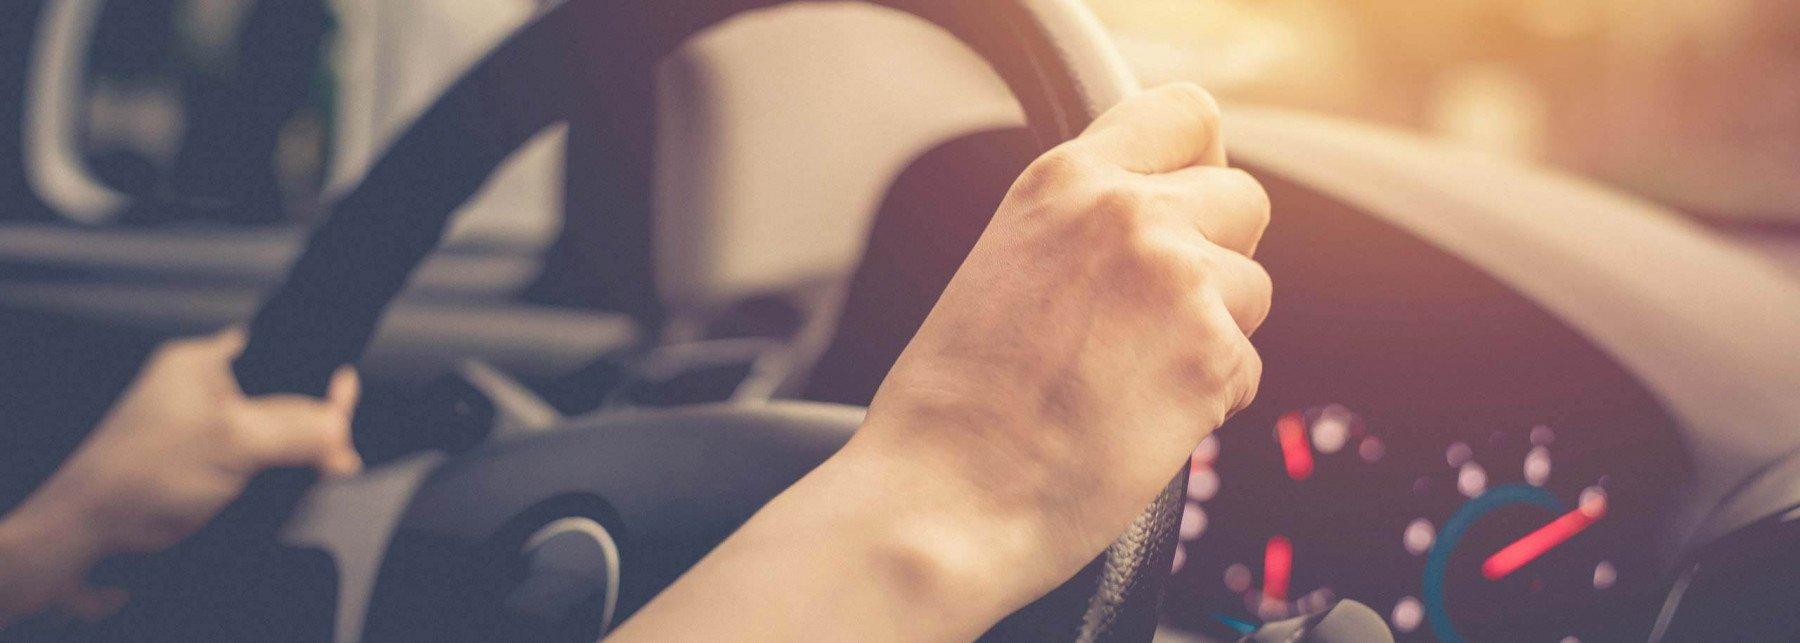 Två händer som håller i en bilratt